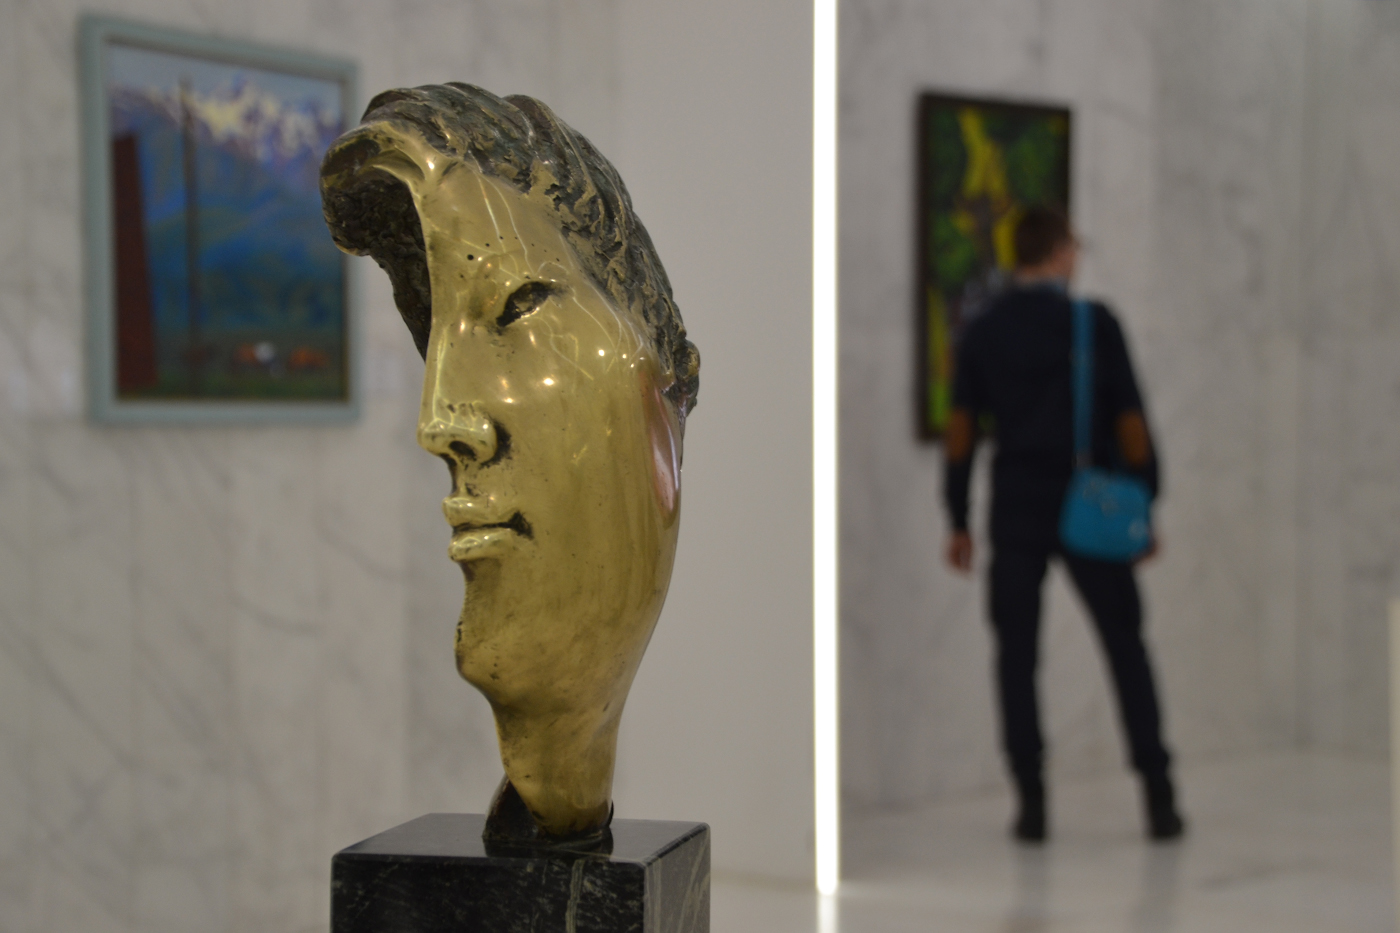 Фото 9. В музее искусств, расположенном в башне Байтерек. Что посмотреть в Астане за несколько часов.1/125, 5.6, 400, 55.